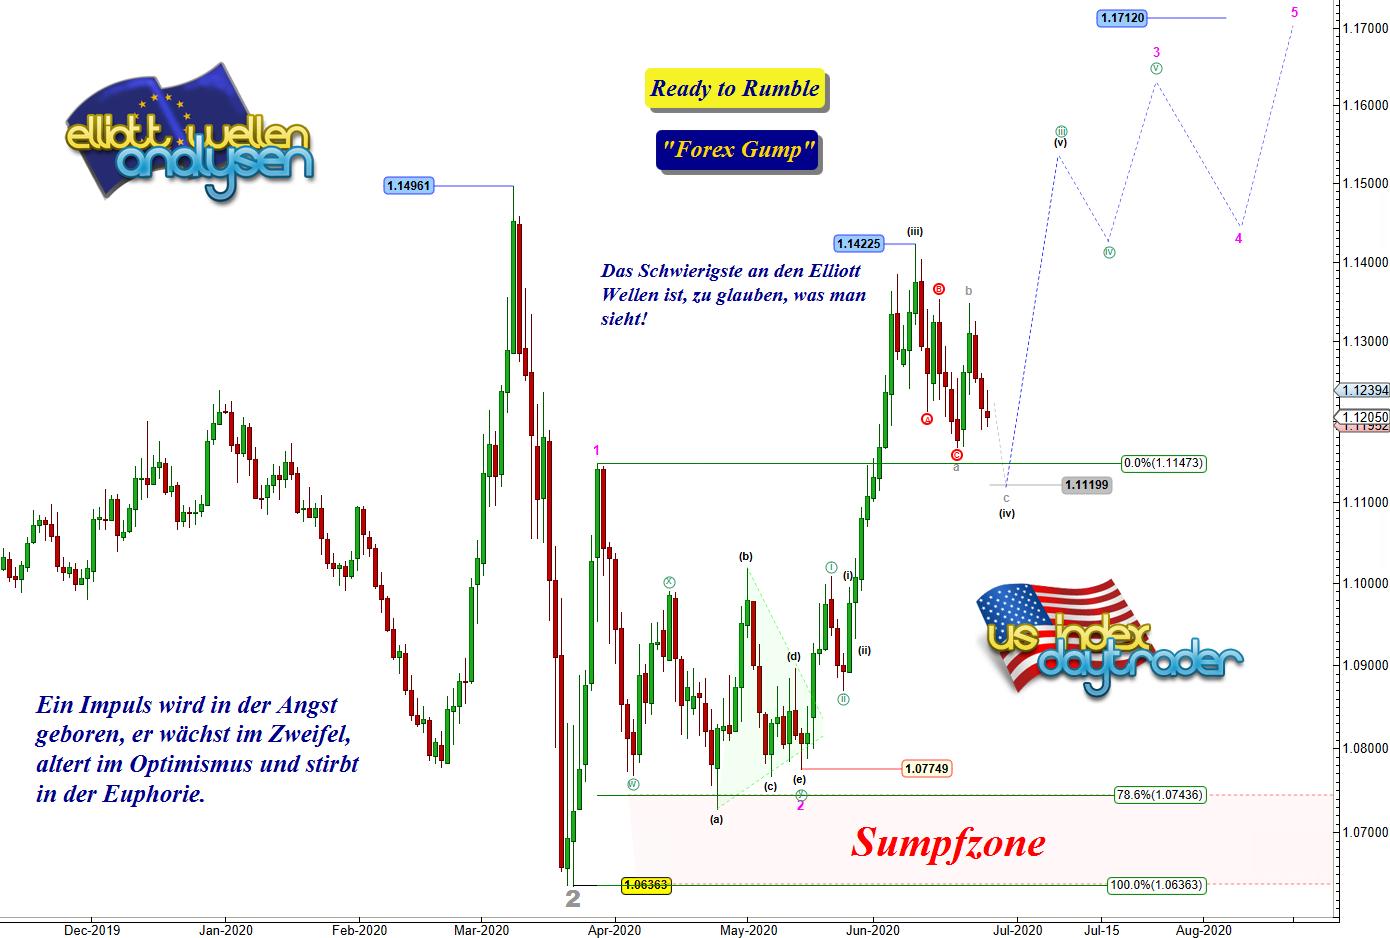 EW-Analyse-EUR-USD-Ausdauertrainung-für-die-Bullen-André-Tiedje-GodmodeTrader.de-1